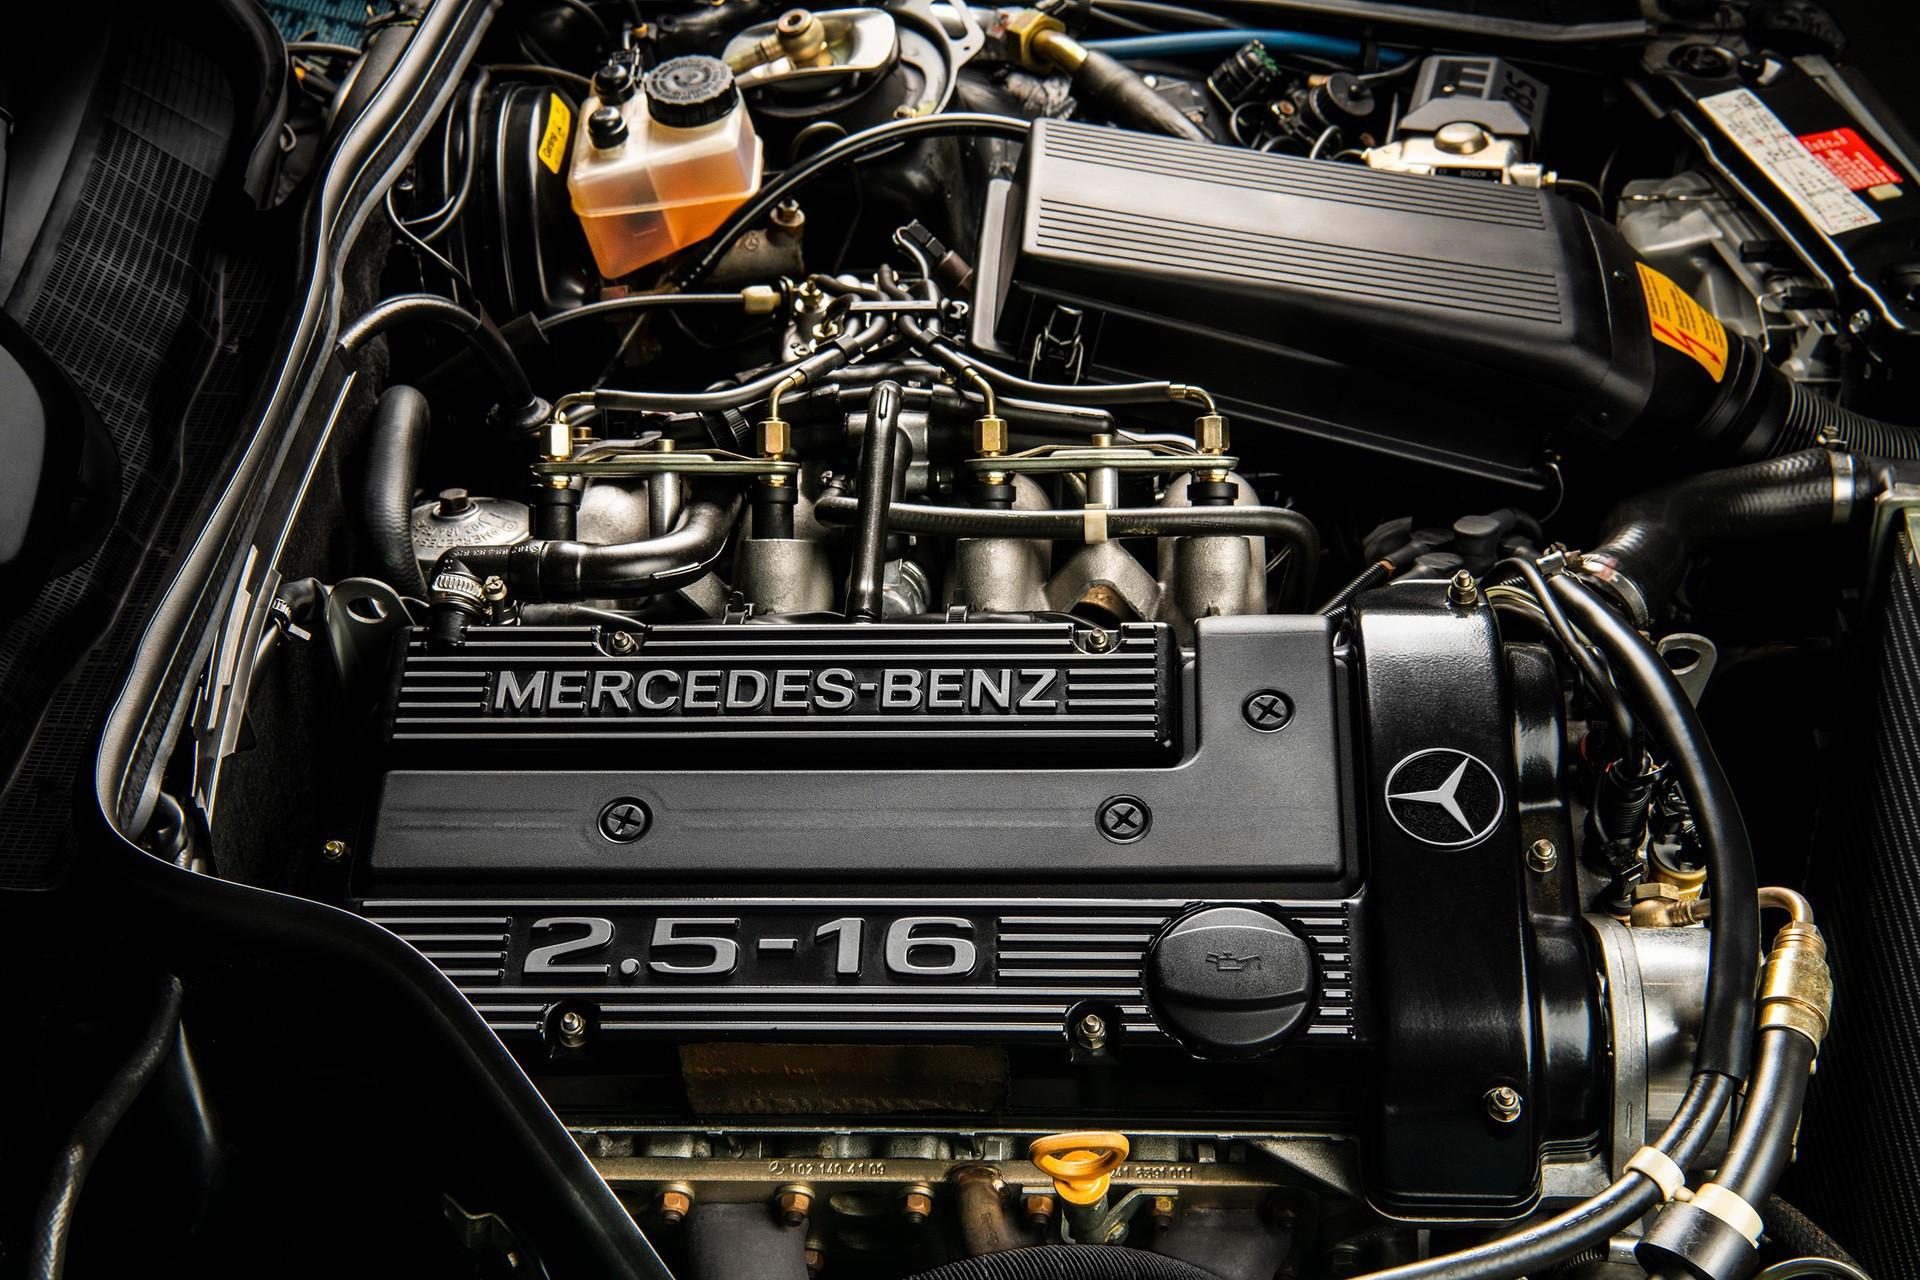 1990_Mercedes_Benz_190E_25-16_Evolution_II_sales_0038